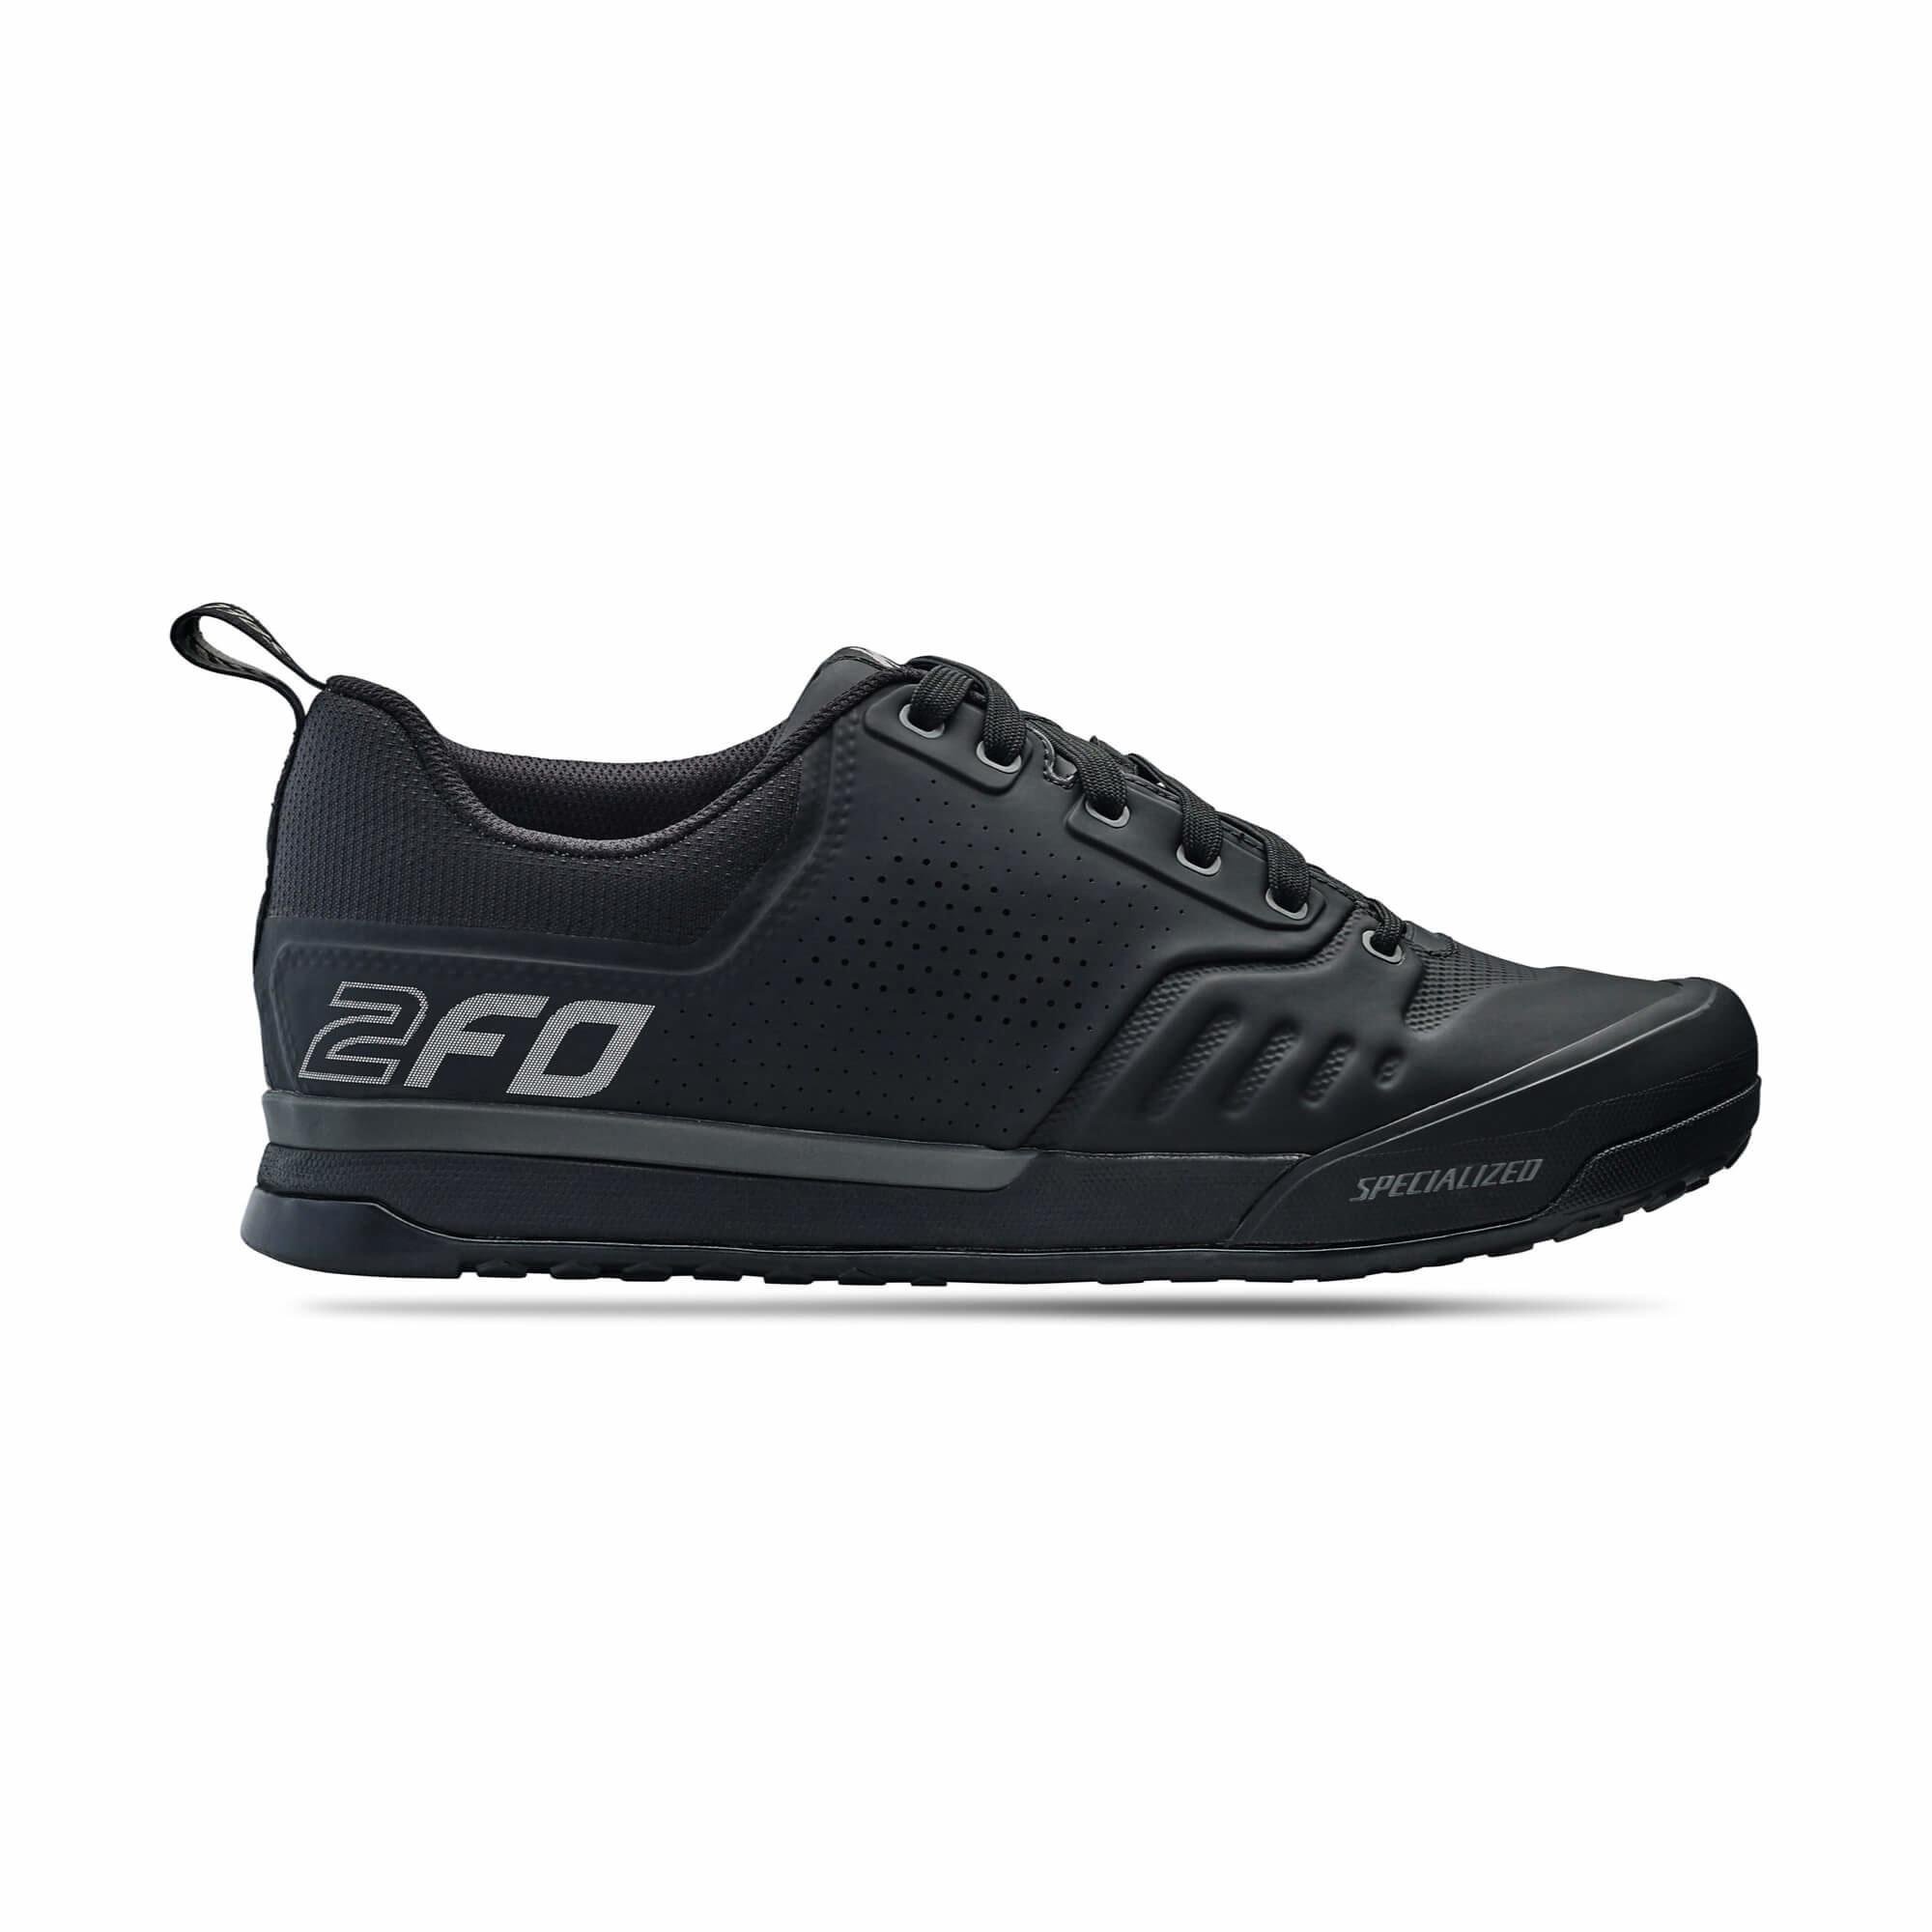 2FO Flat 2.0 MTB Shoe-12